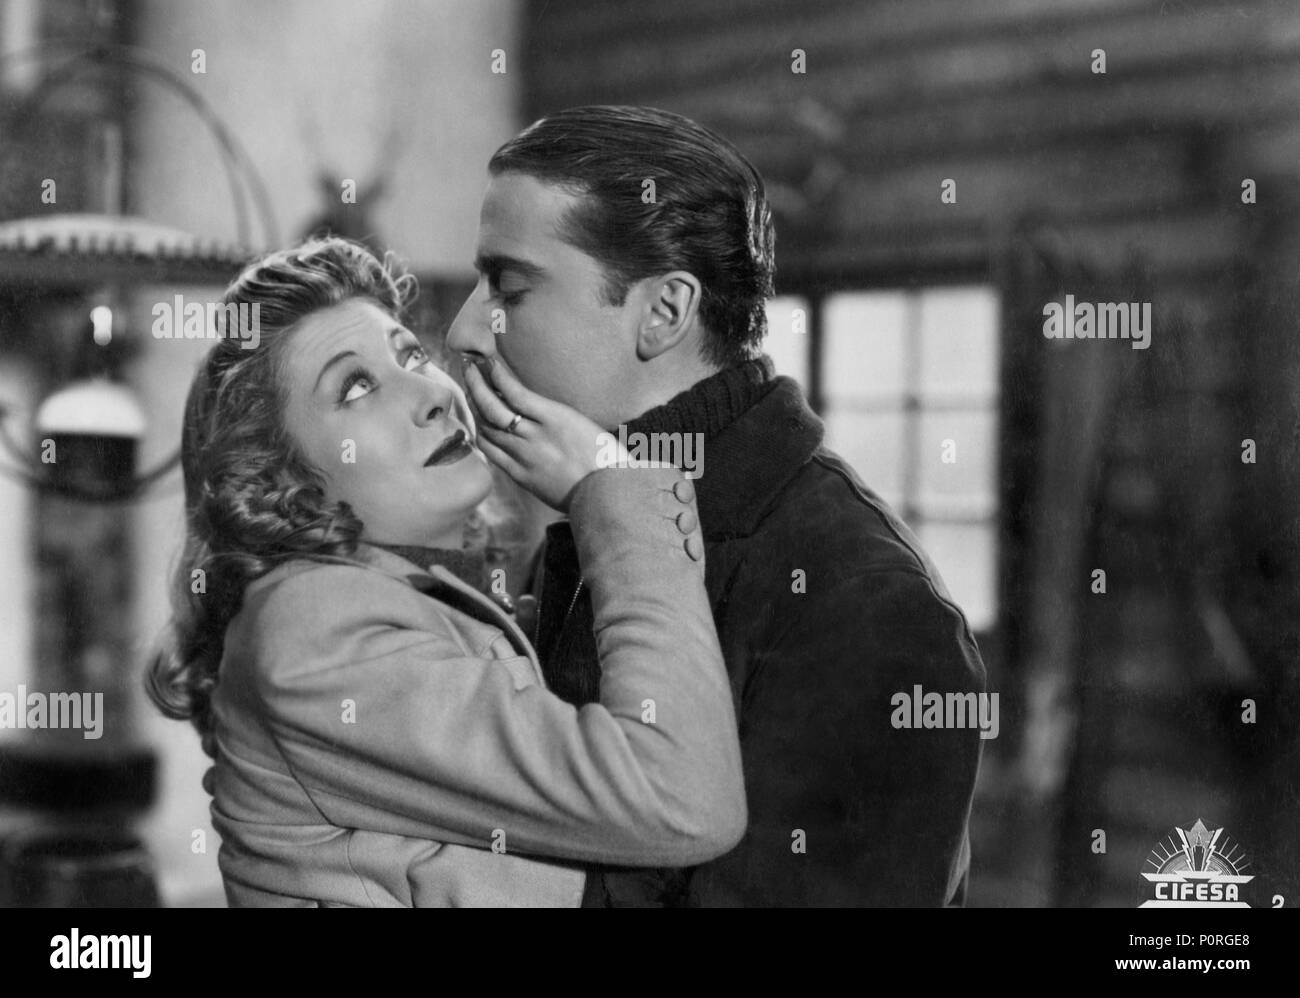 El título de la película original: ONU MARIDO UN PRECIO FIJO. Título en inglés: ONU MARIDO UN PRECIO FIJO. El director de cine: GONZALO DELGRAS. Año: 1942. Estrellas: LINA YEGROS. Imagen De Stock